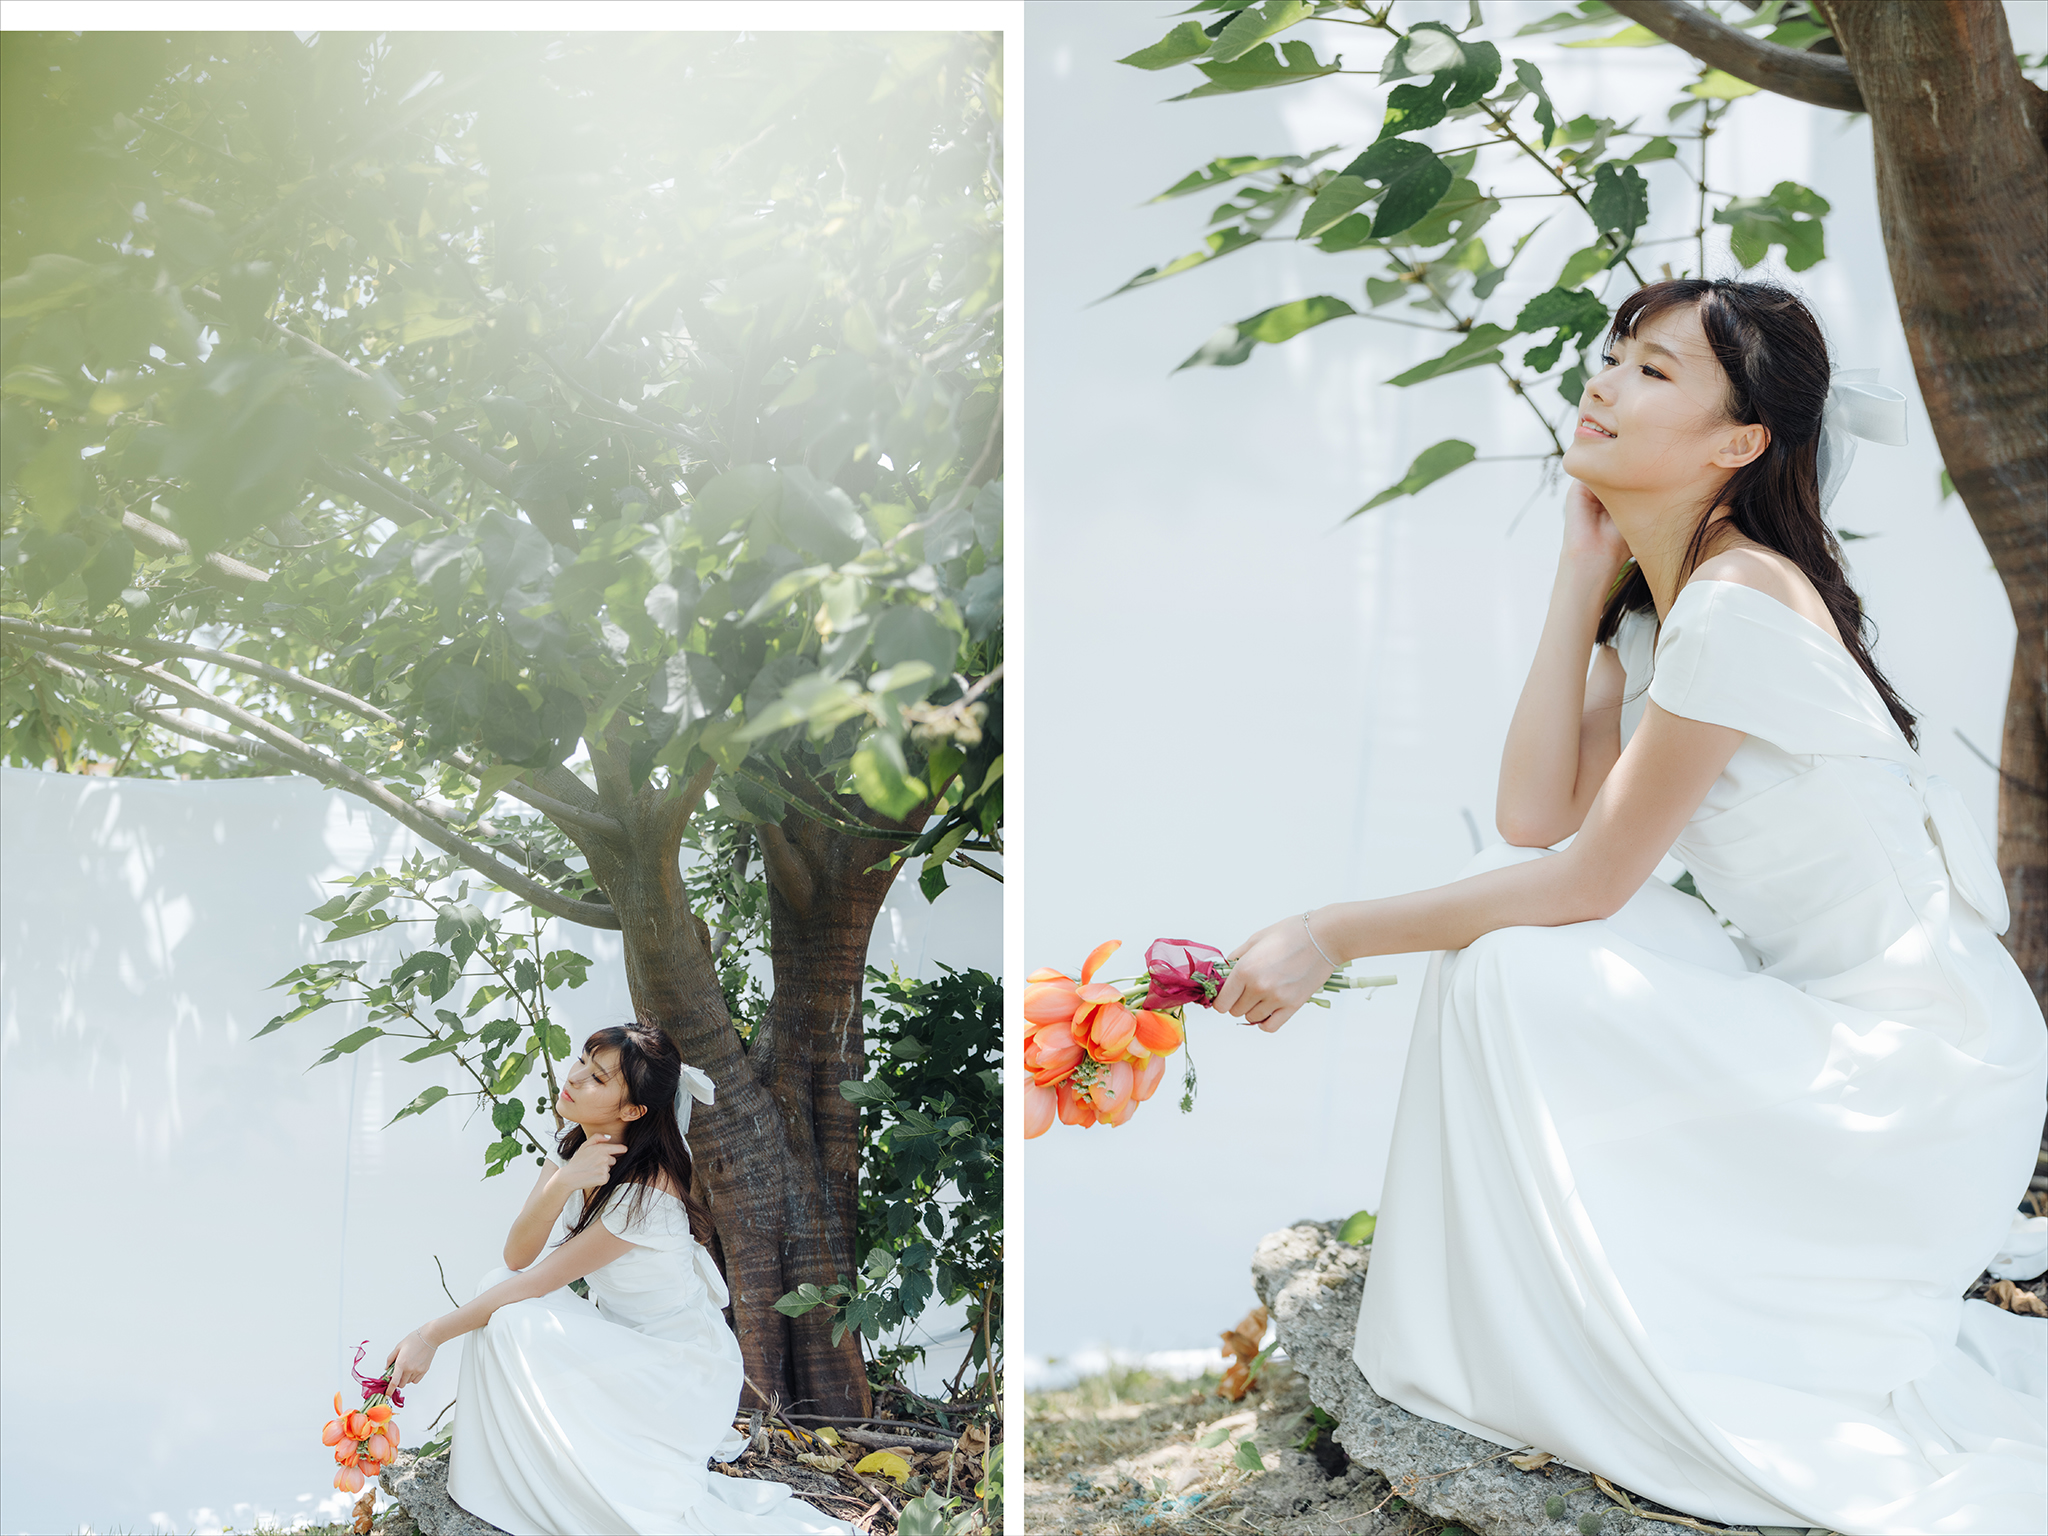 50082281212 ed97152ae5 o - 【自主婚紗】+Mei+